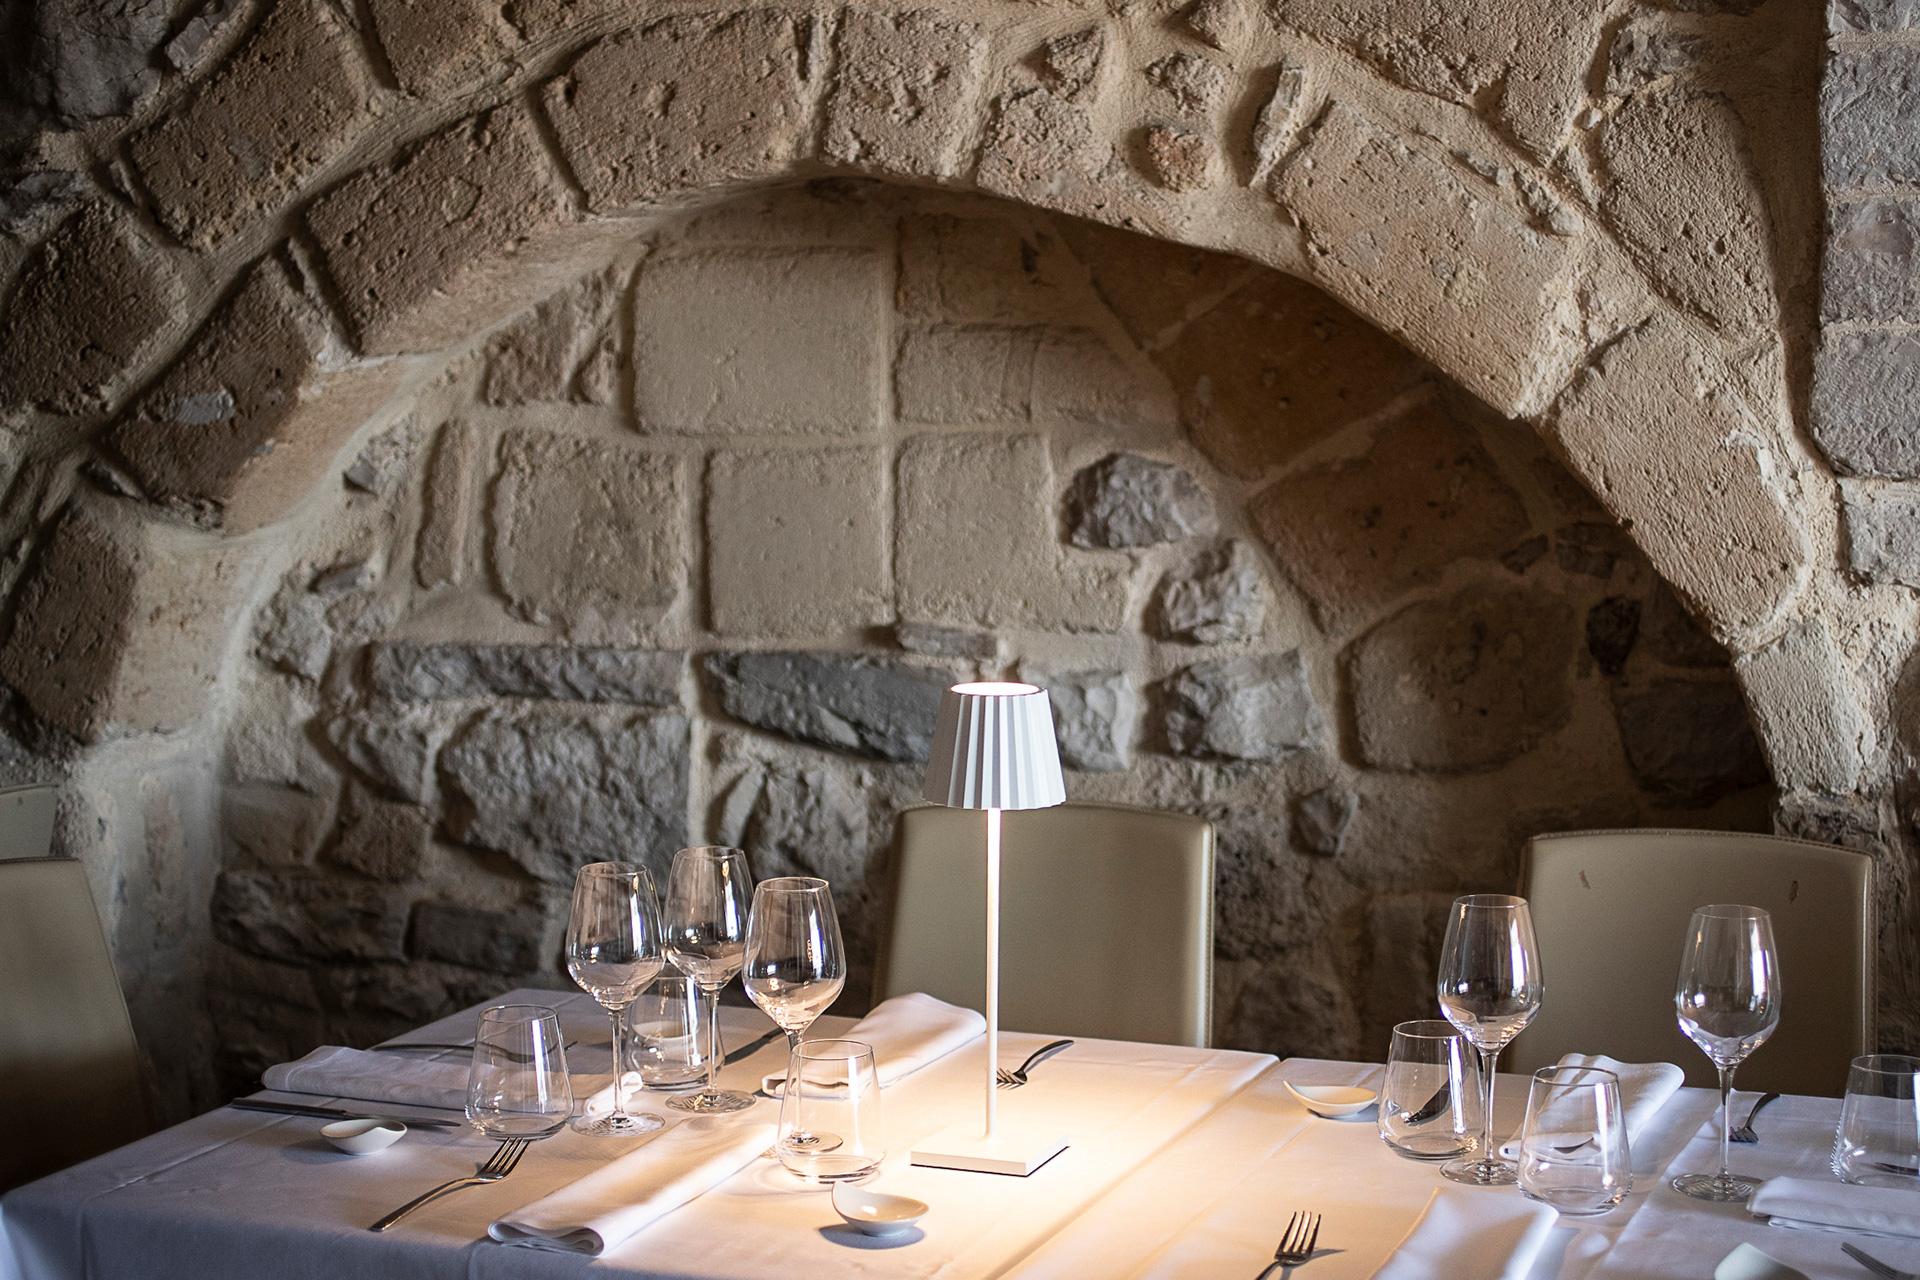 immagine per F&Co per Gallo restaurant ristorante Trani sala